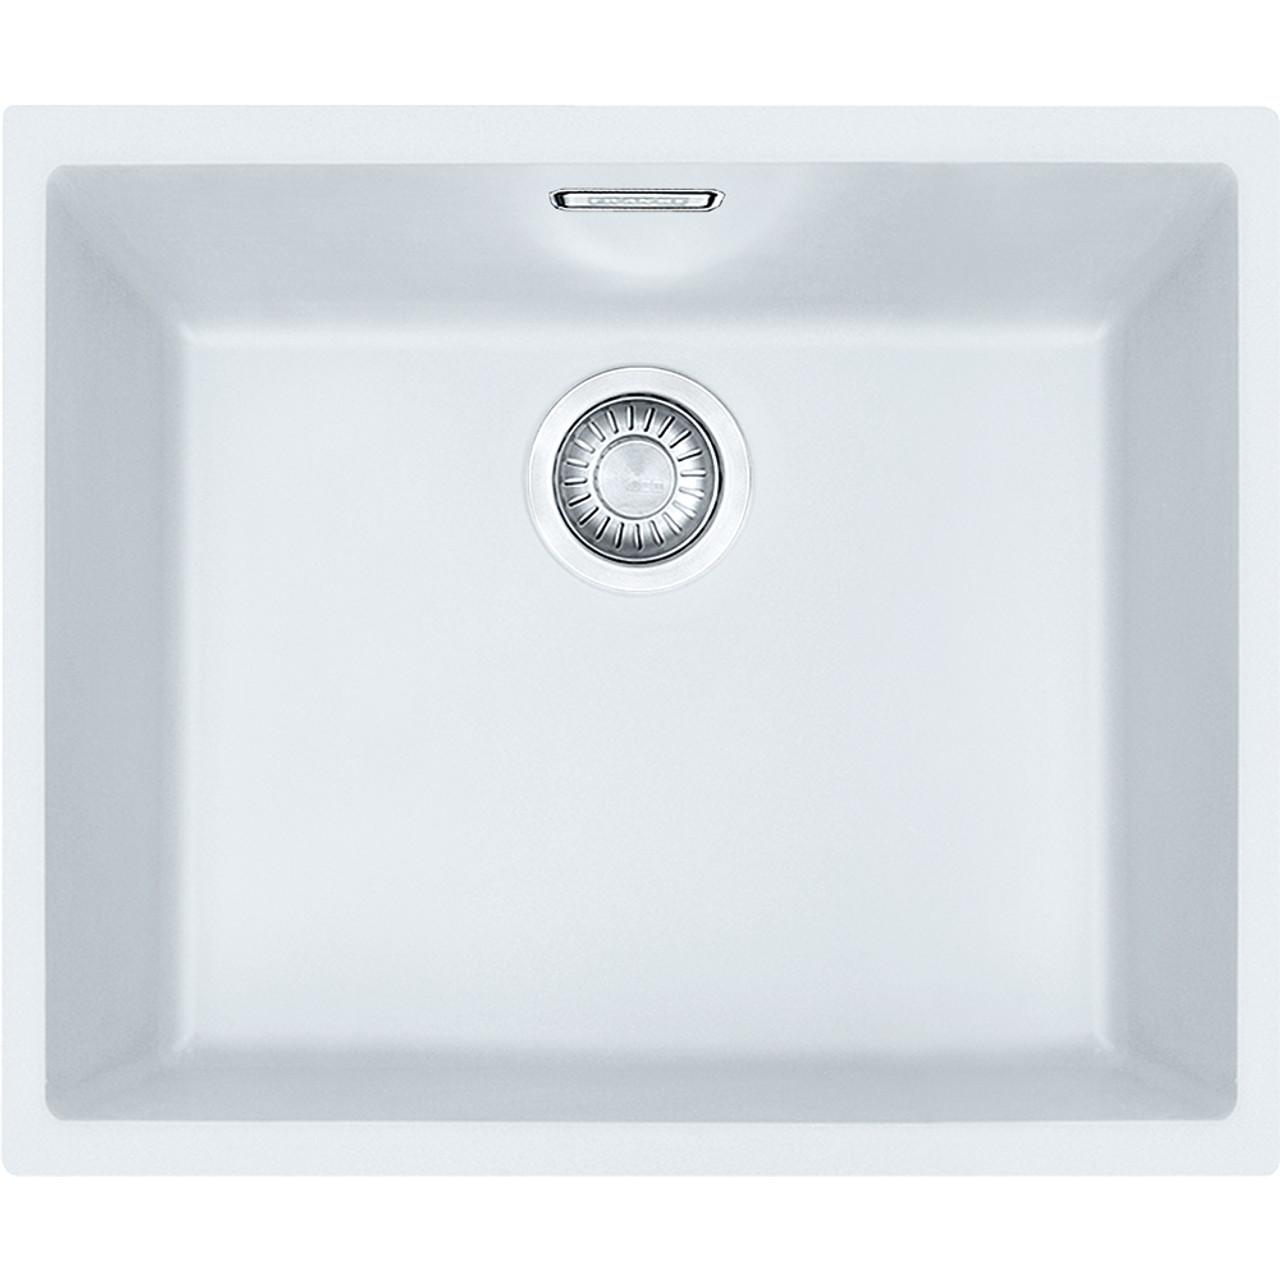 Franke Sirius Sid110 50 Tectonite Polar White Kitchen Sink